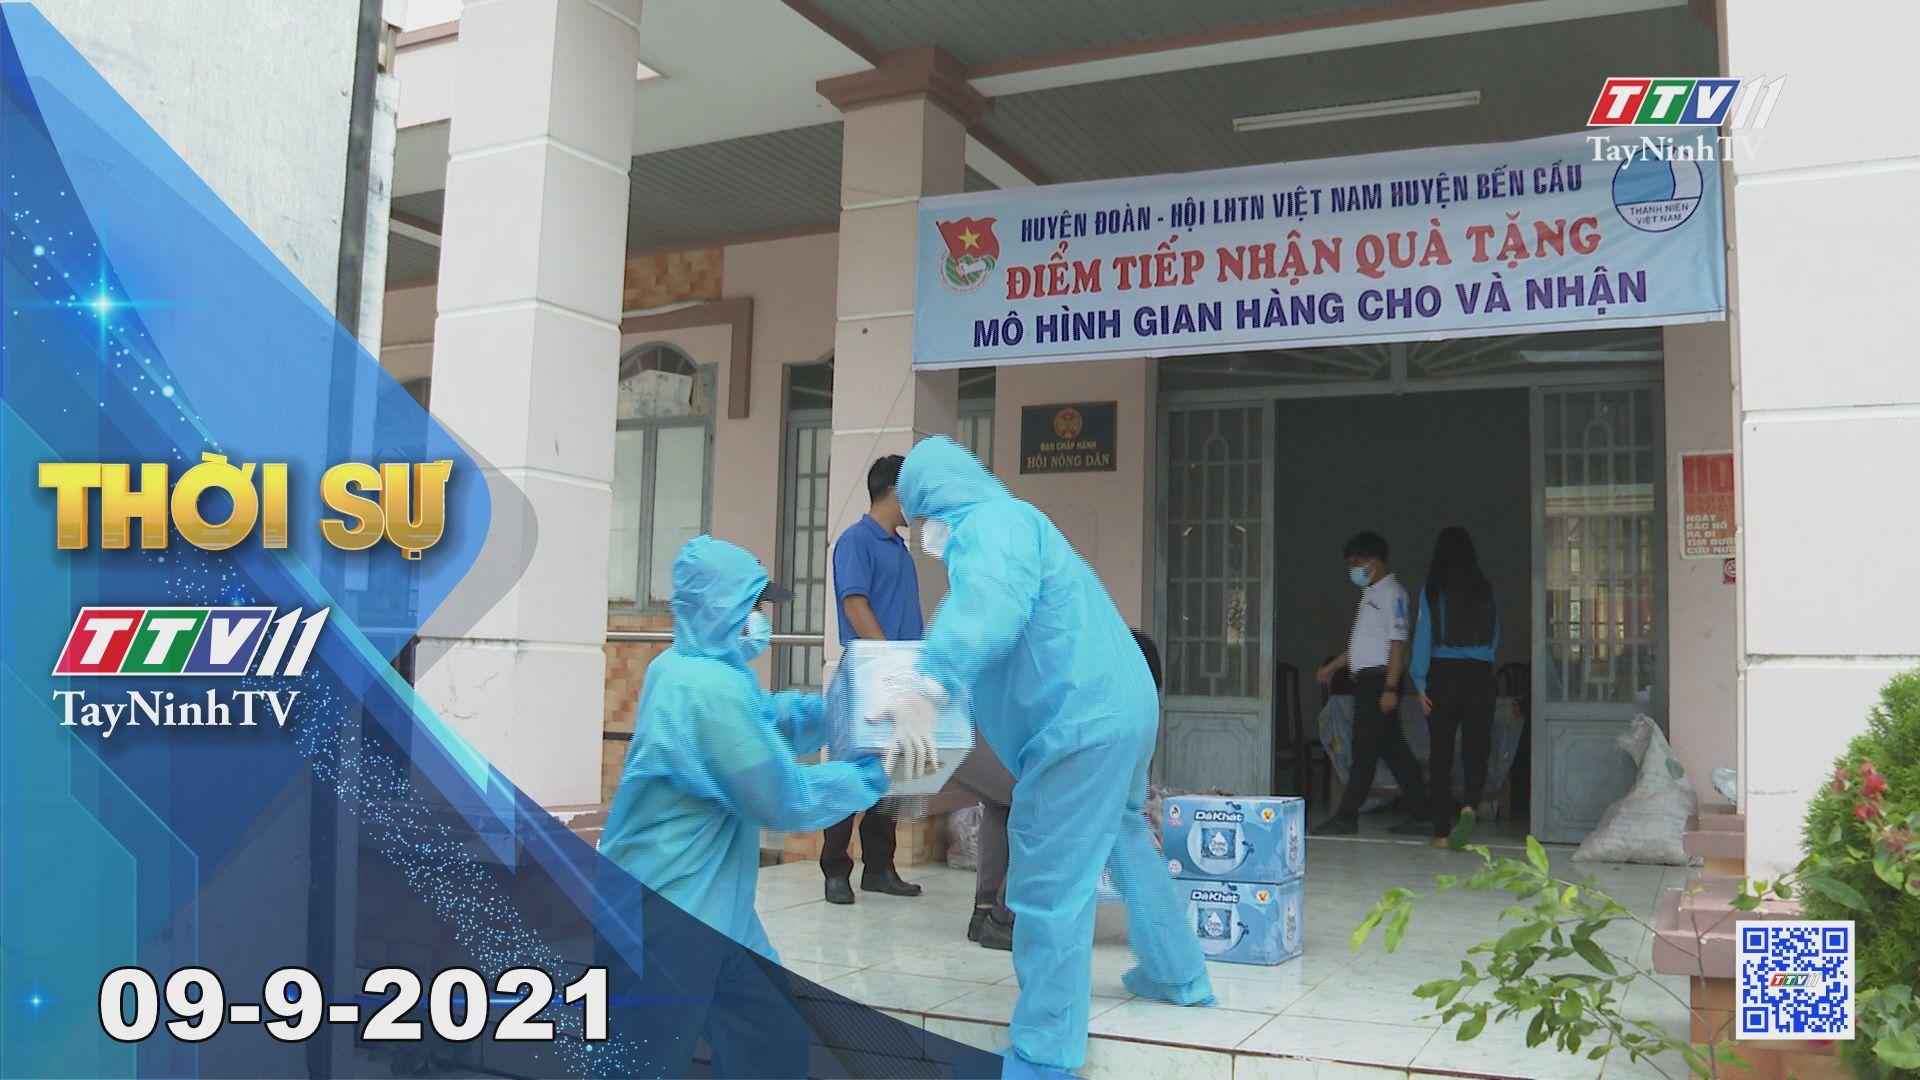 Thời sự Tây Ninh 09-9-2021 | Tin tức hôm nay | TayNinhTV